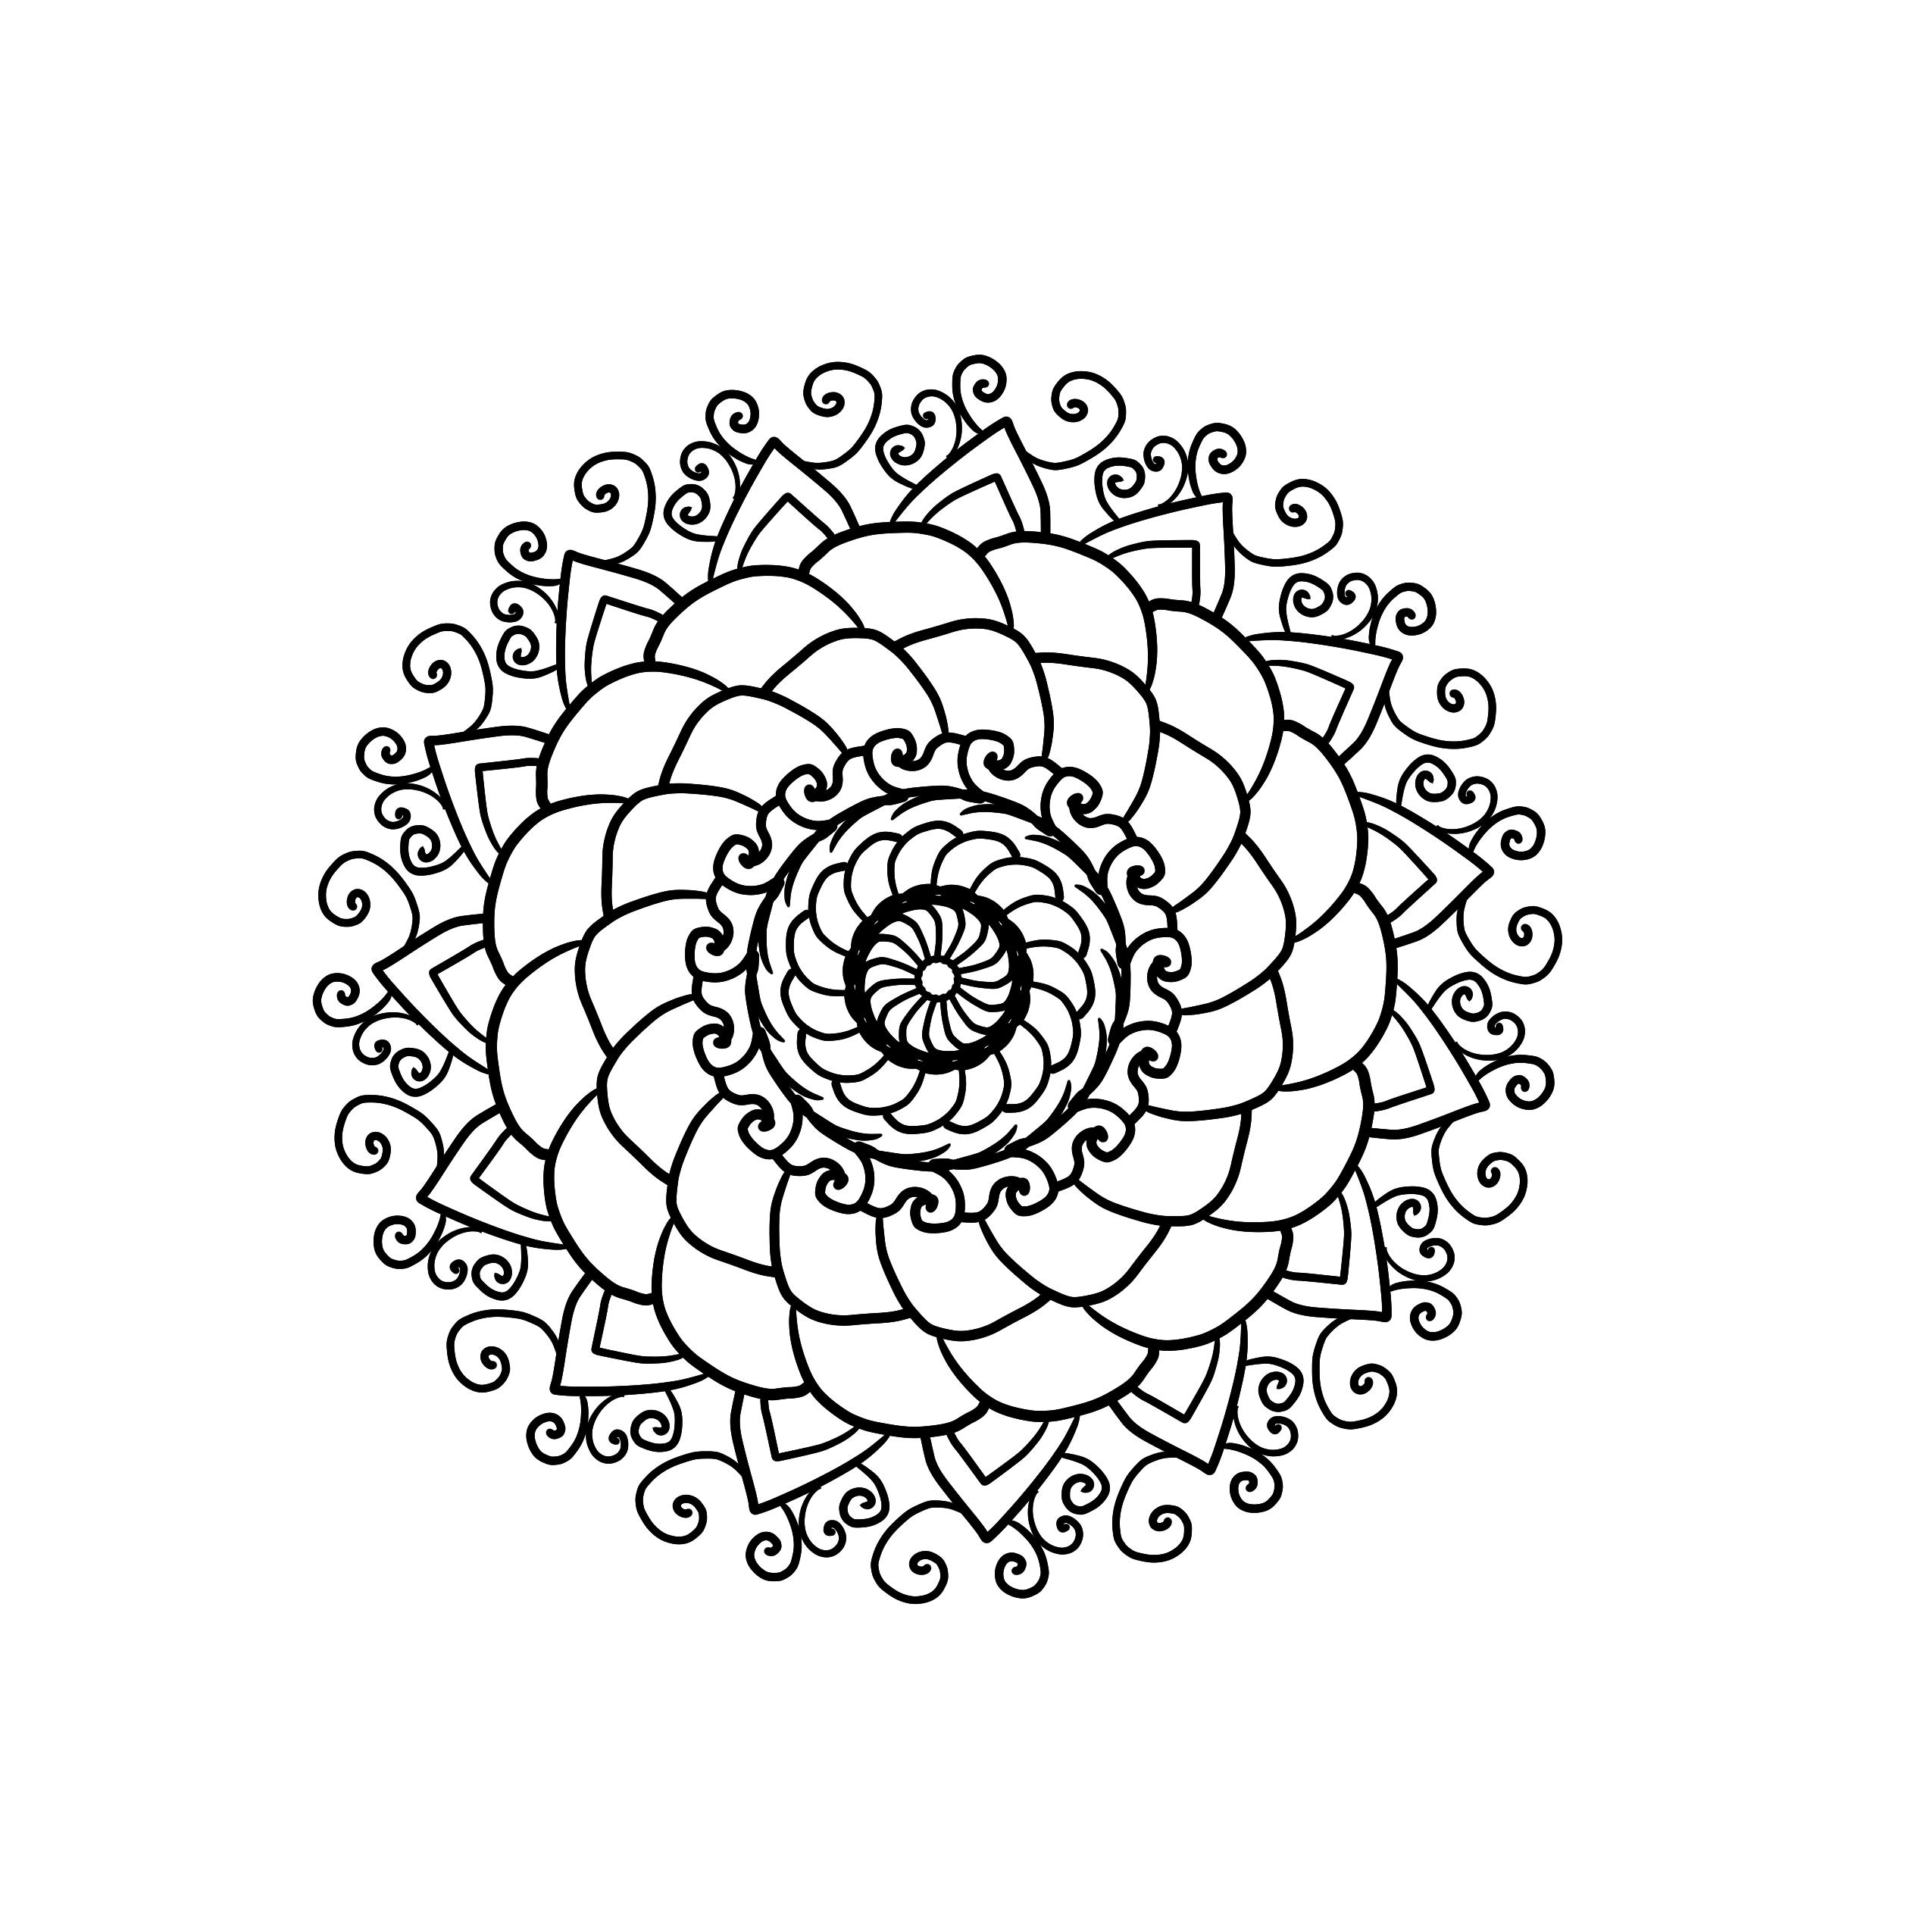 Kostenlose Mandalavorlagen zum herunterladen Mandala Vorlage Ausmalbilder Zeichnen